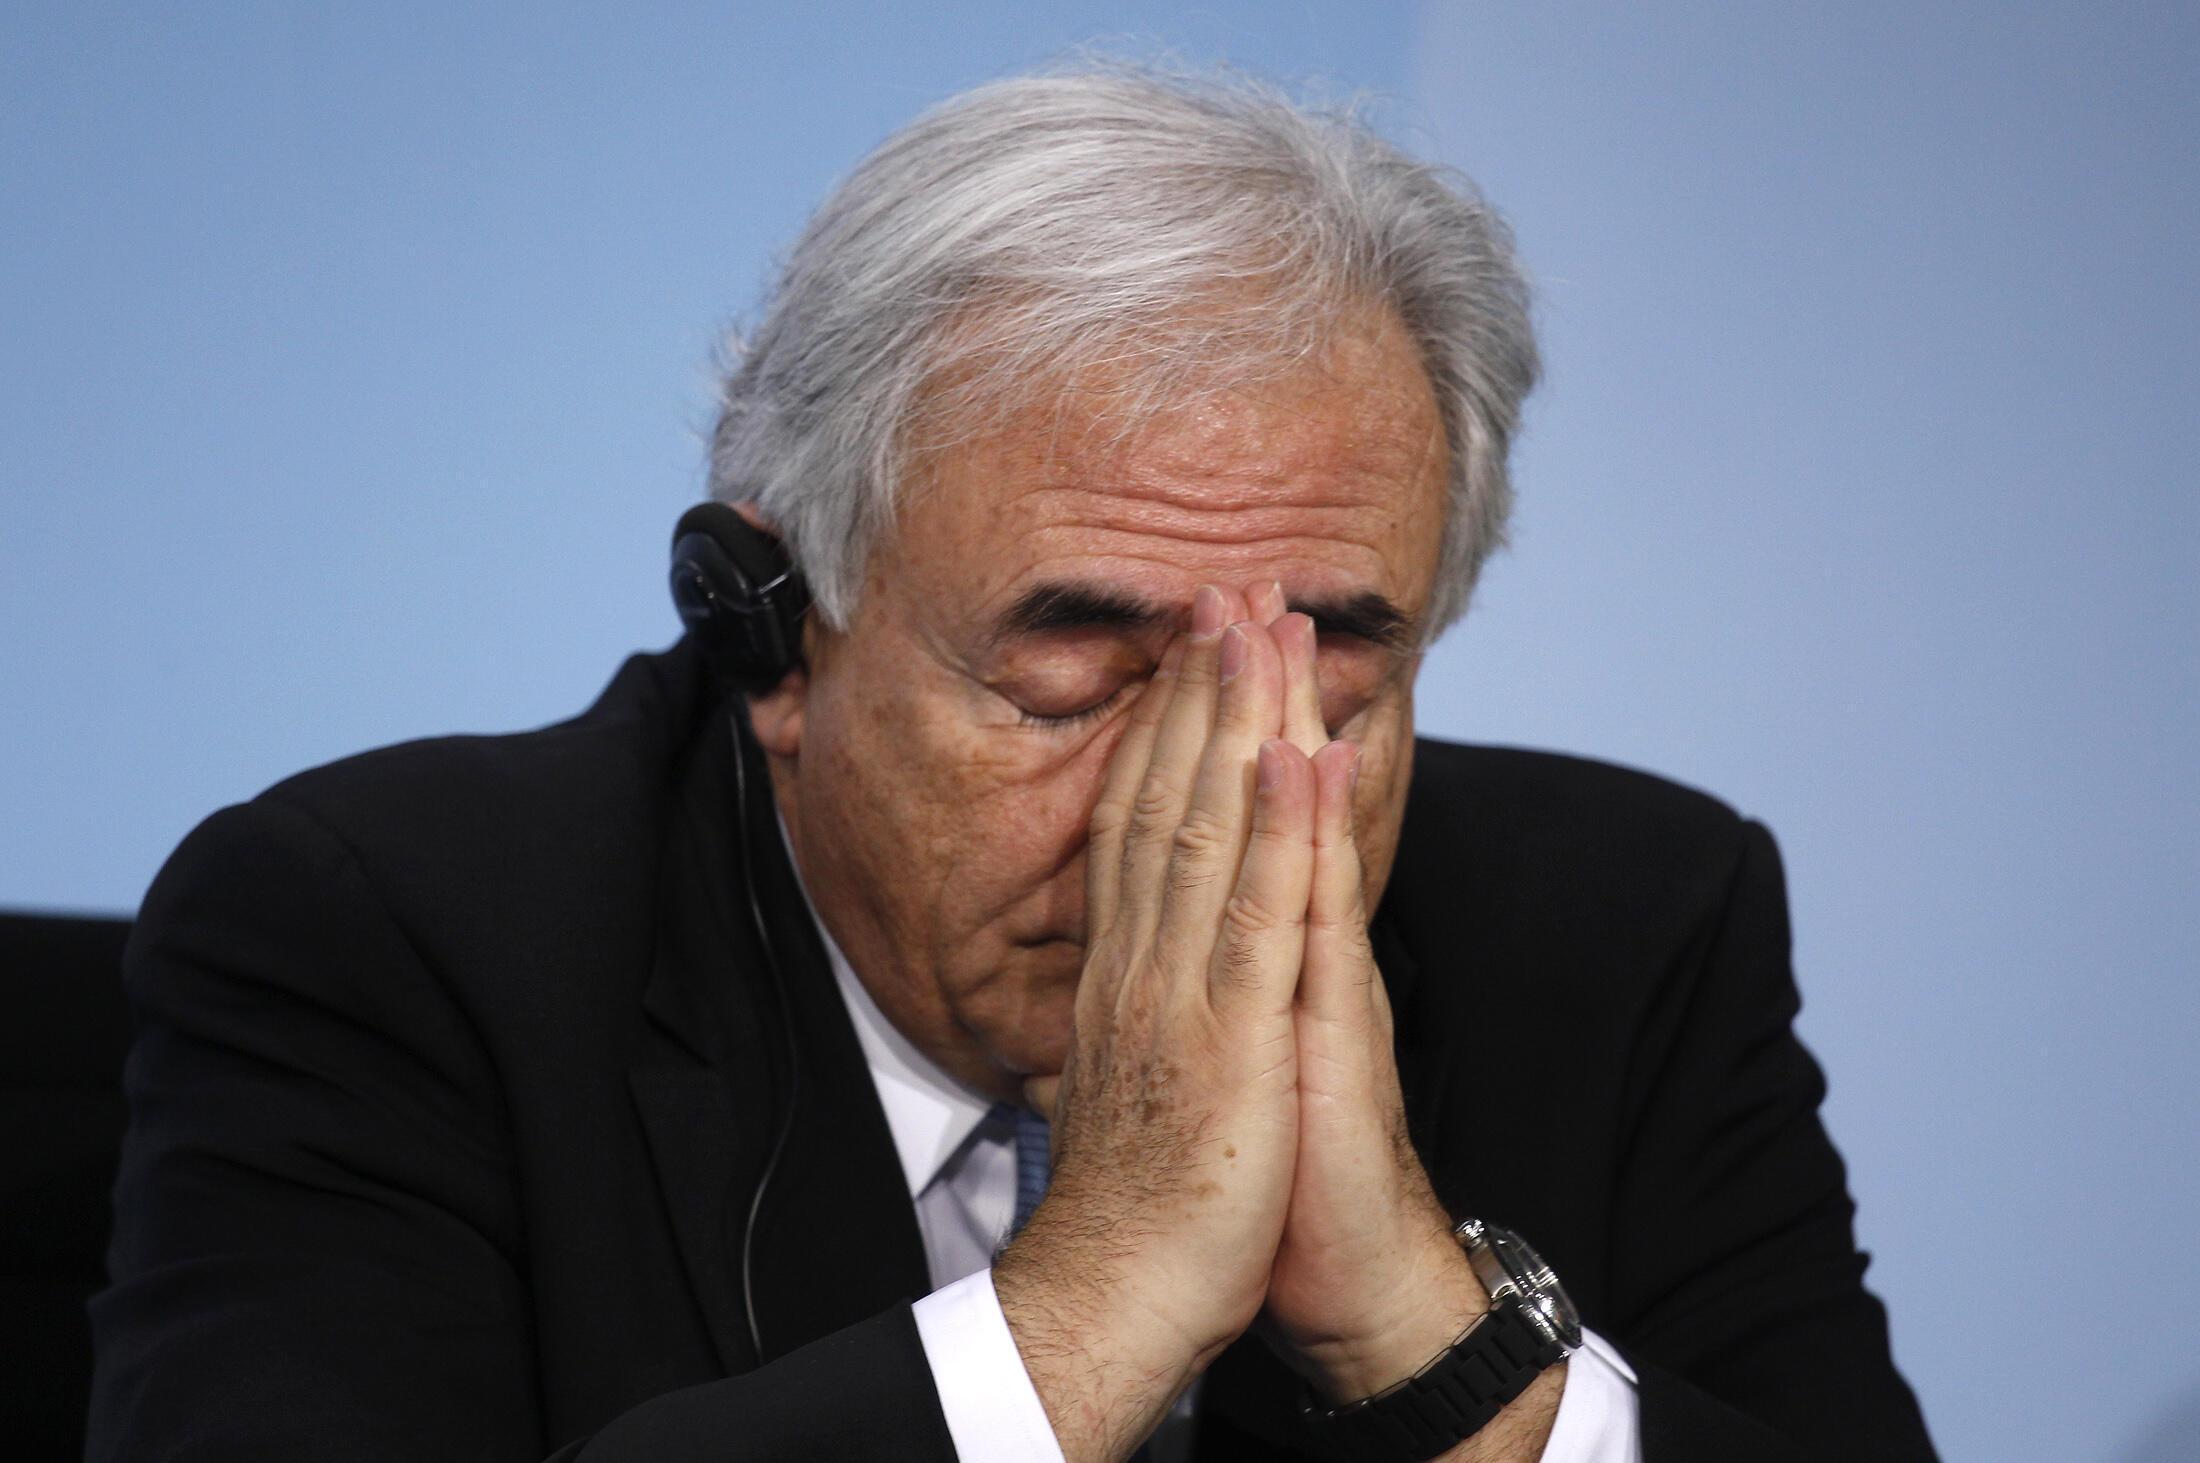 Tổng giám đốc Quỹ Tiền tệ Quốc tế Dominique Strauss-Kahn